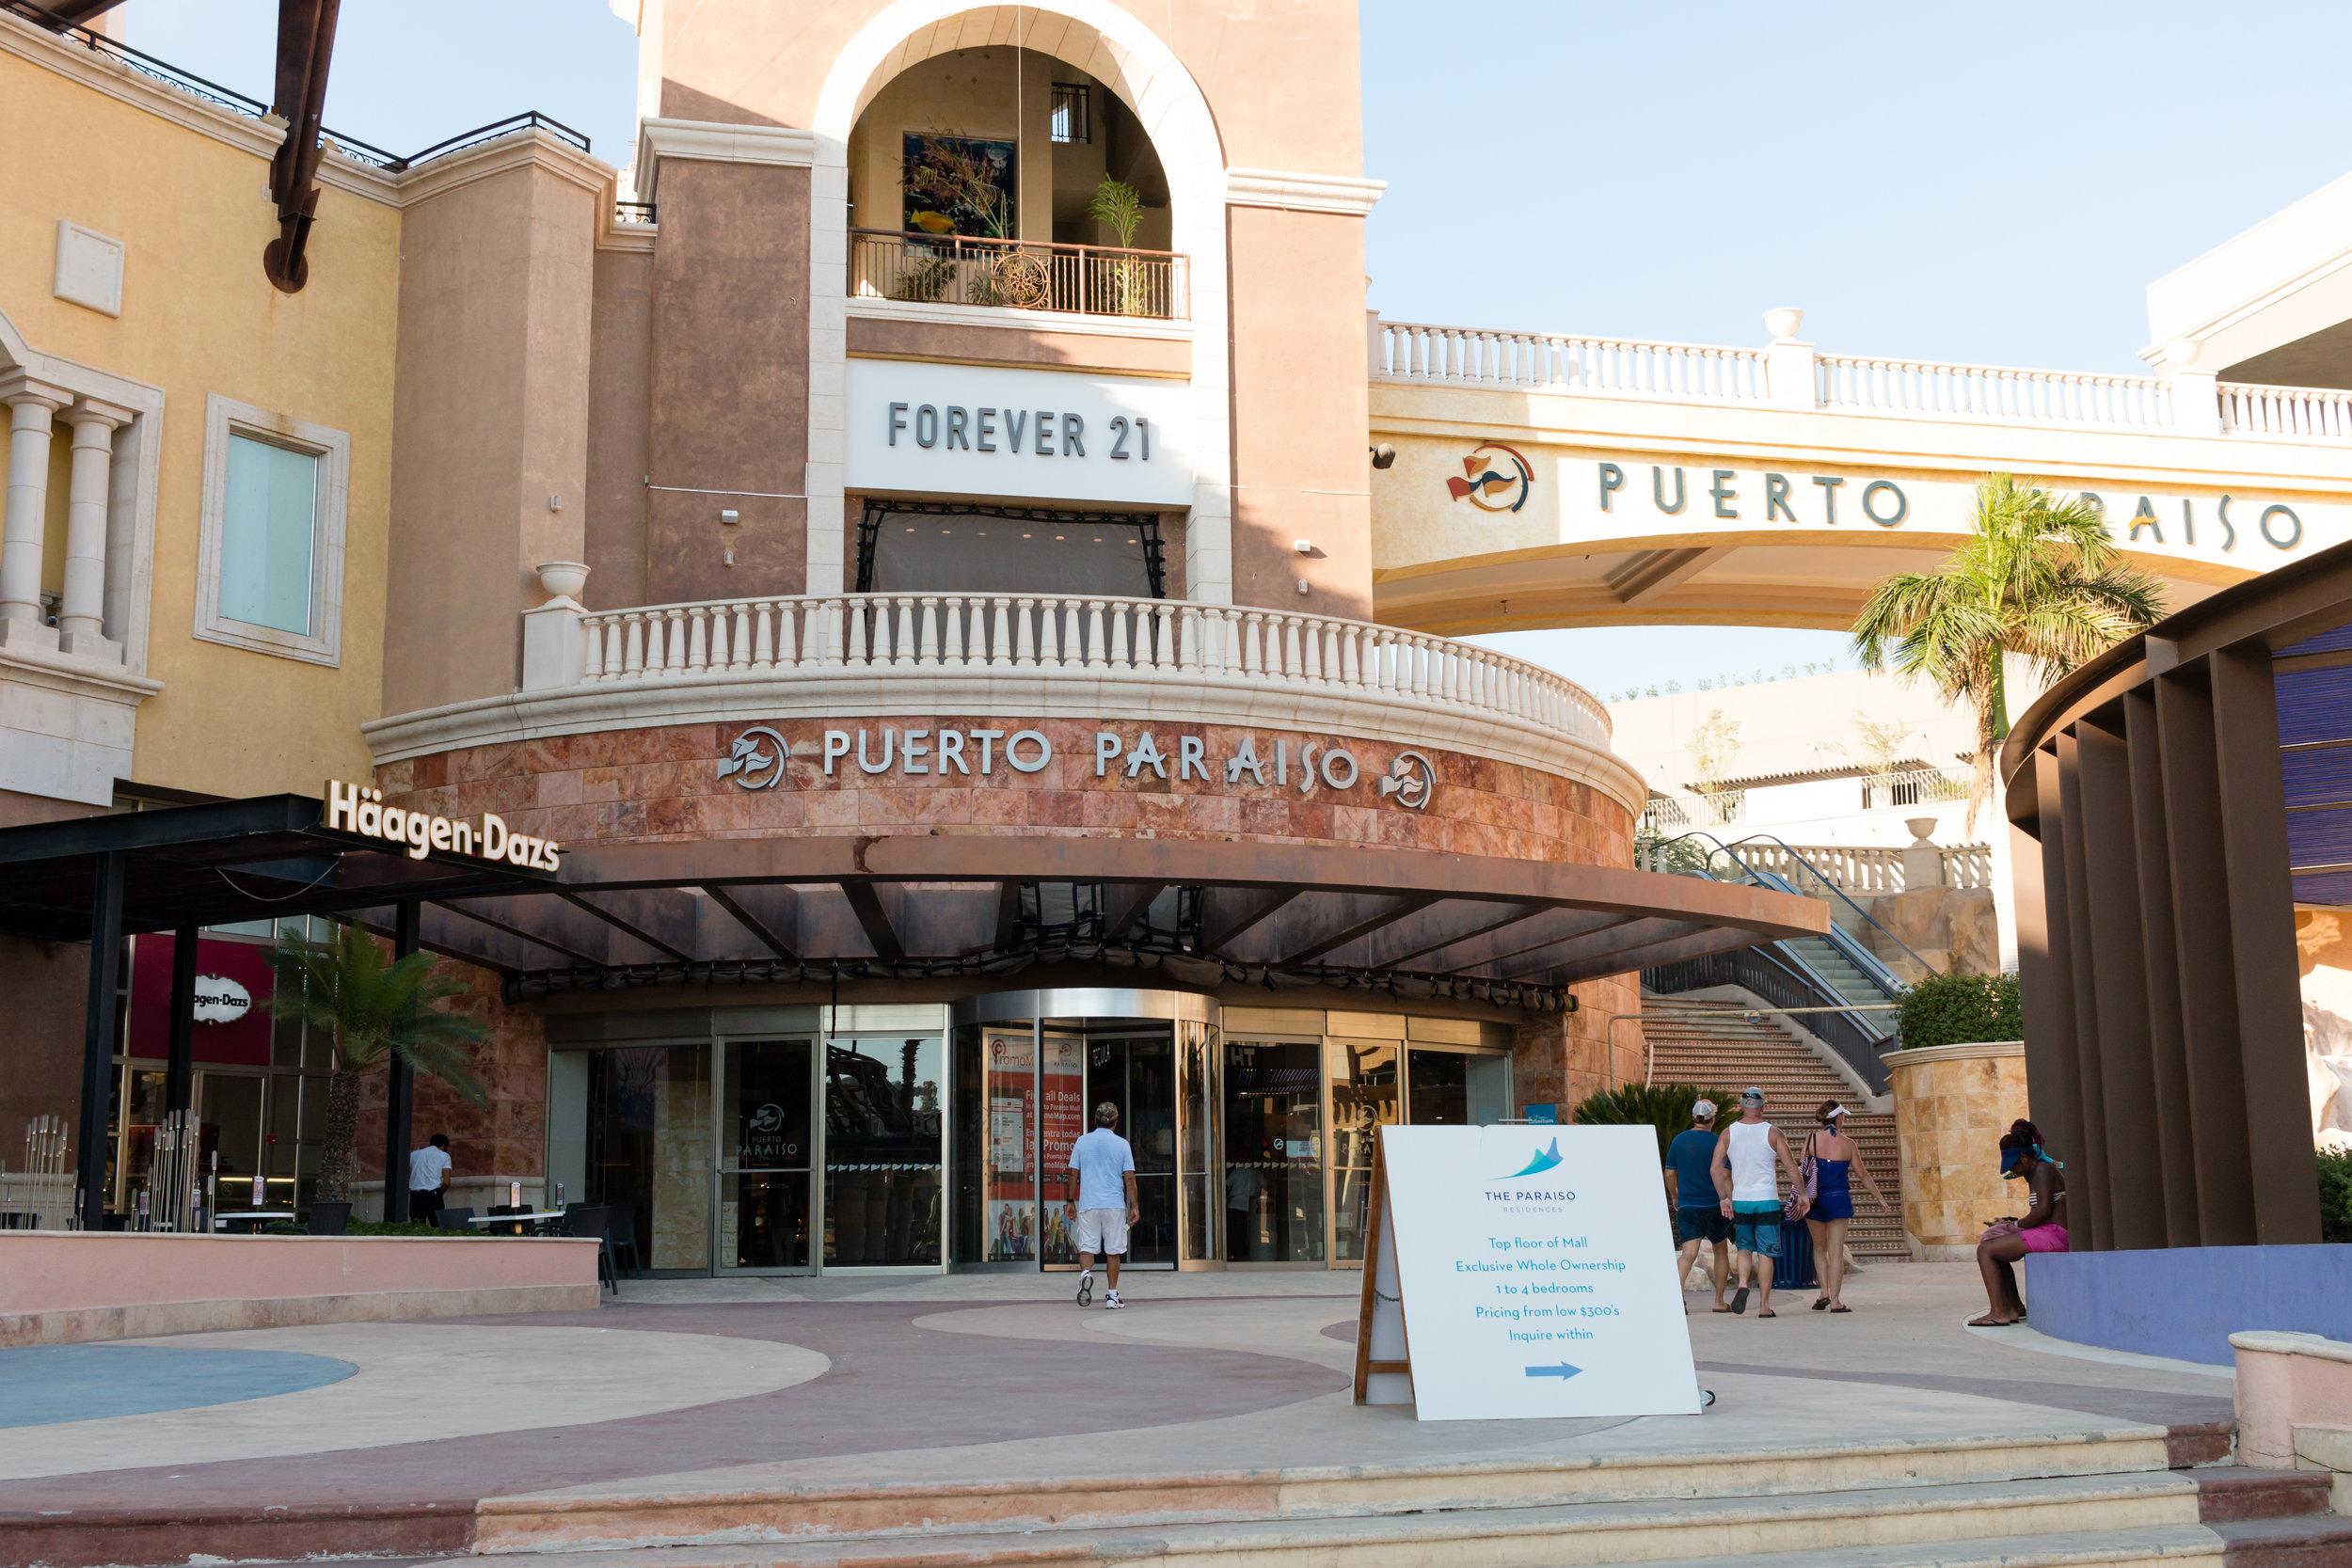 puerto-paraiso-mall-things-to-do-cabo-san-lucas-mexico